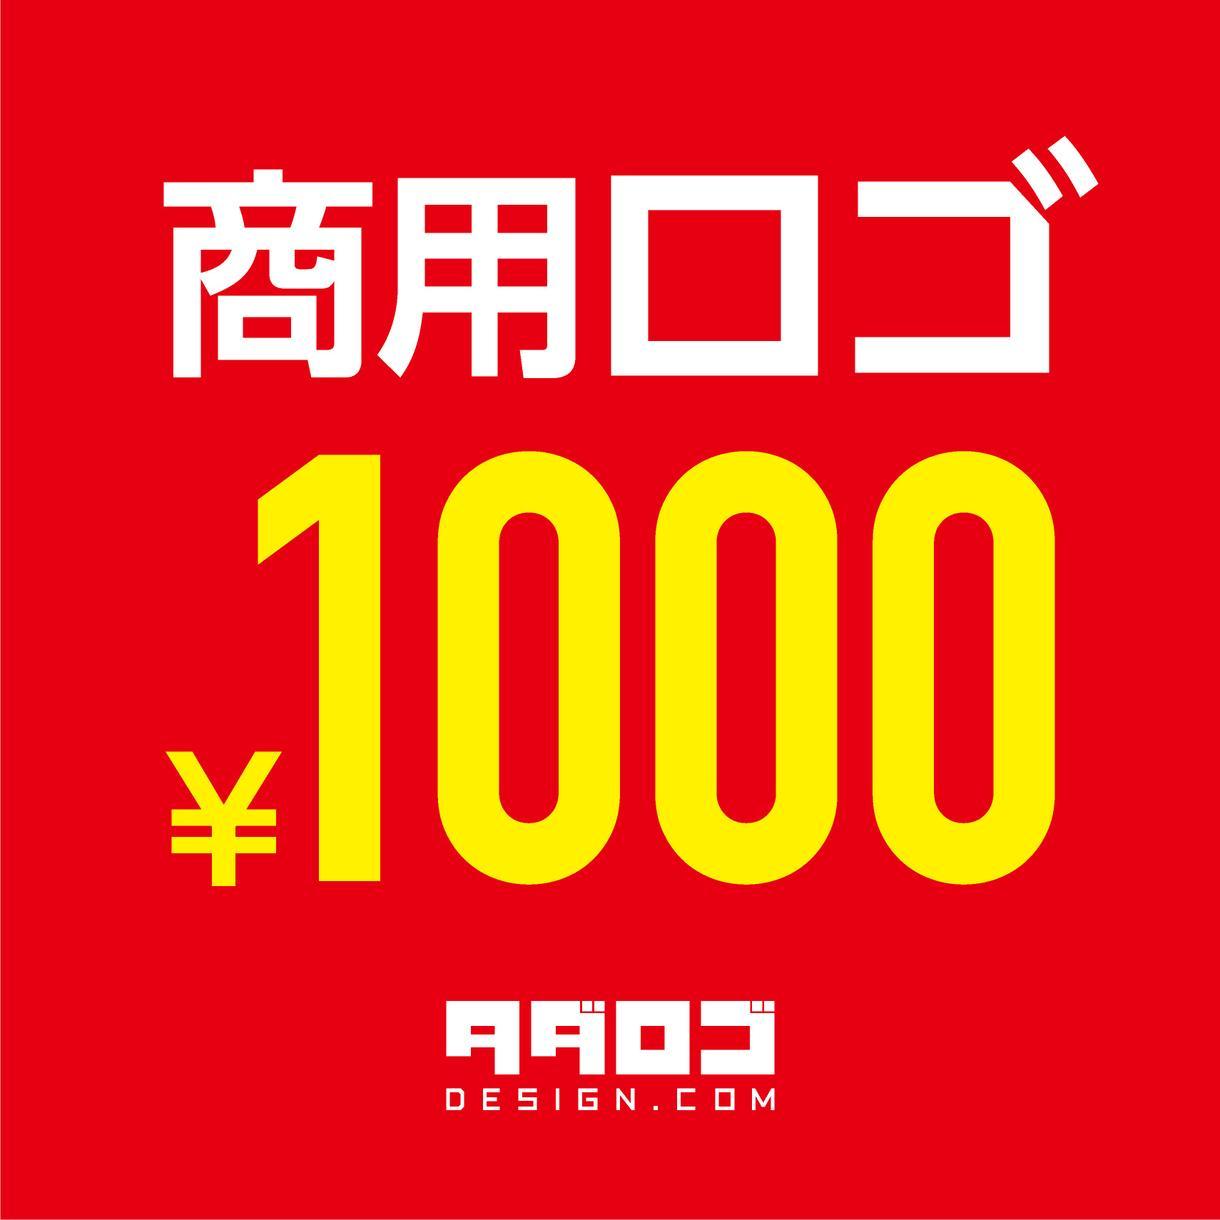 1000円で商用利用可能なロゴマークを作ります 約100種類のシンボルと10種類のフォントの中から選べます